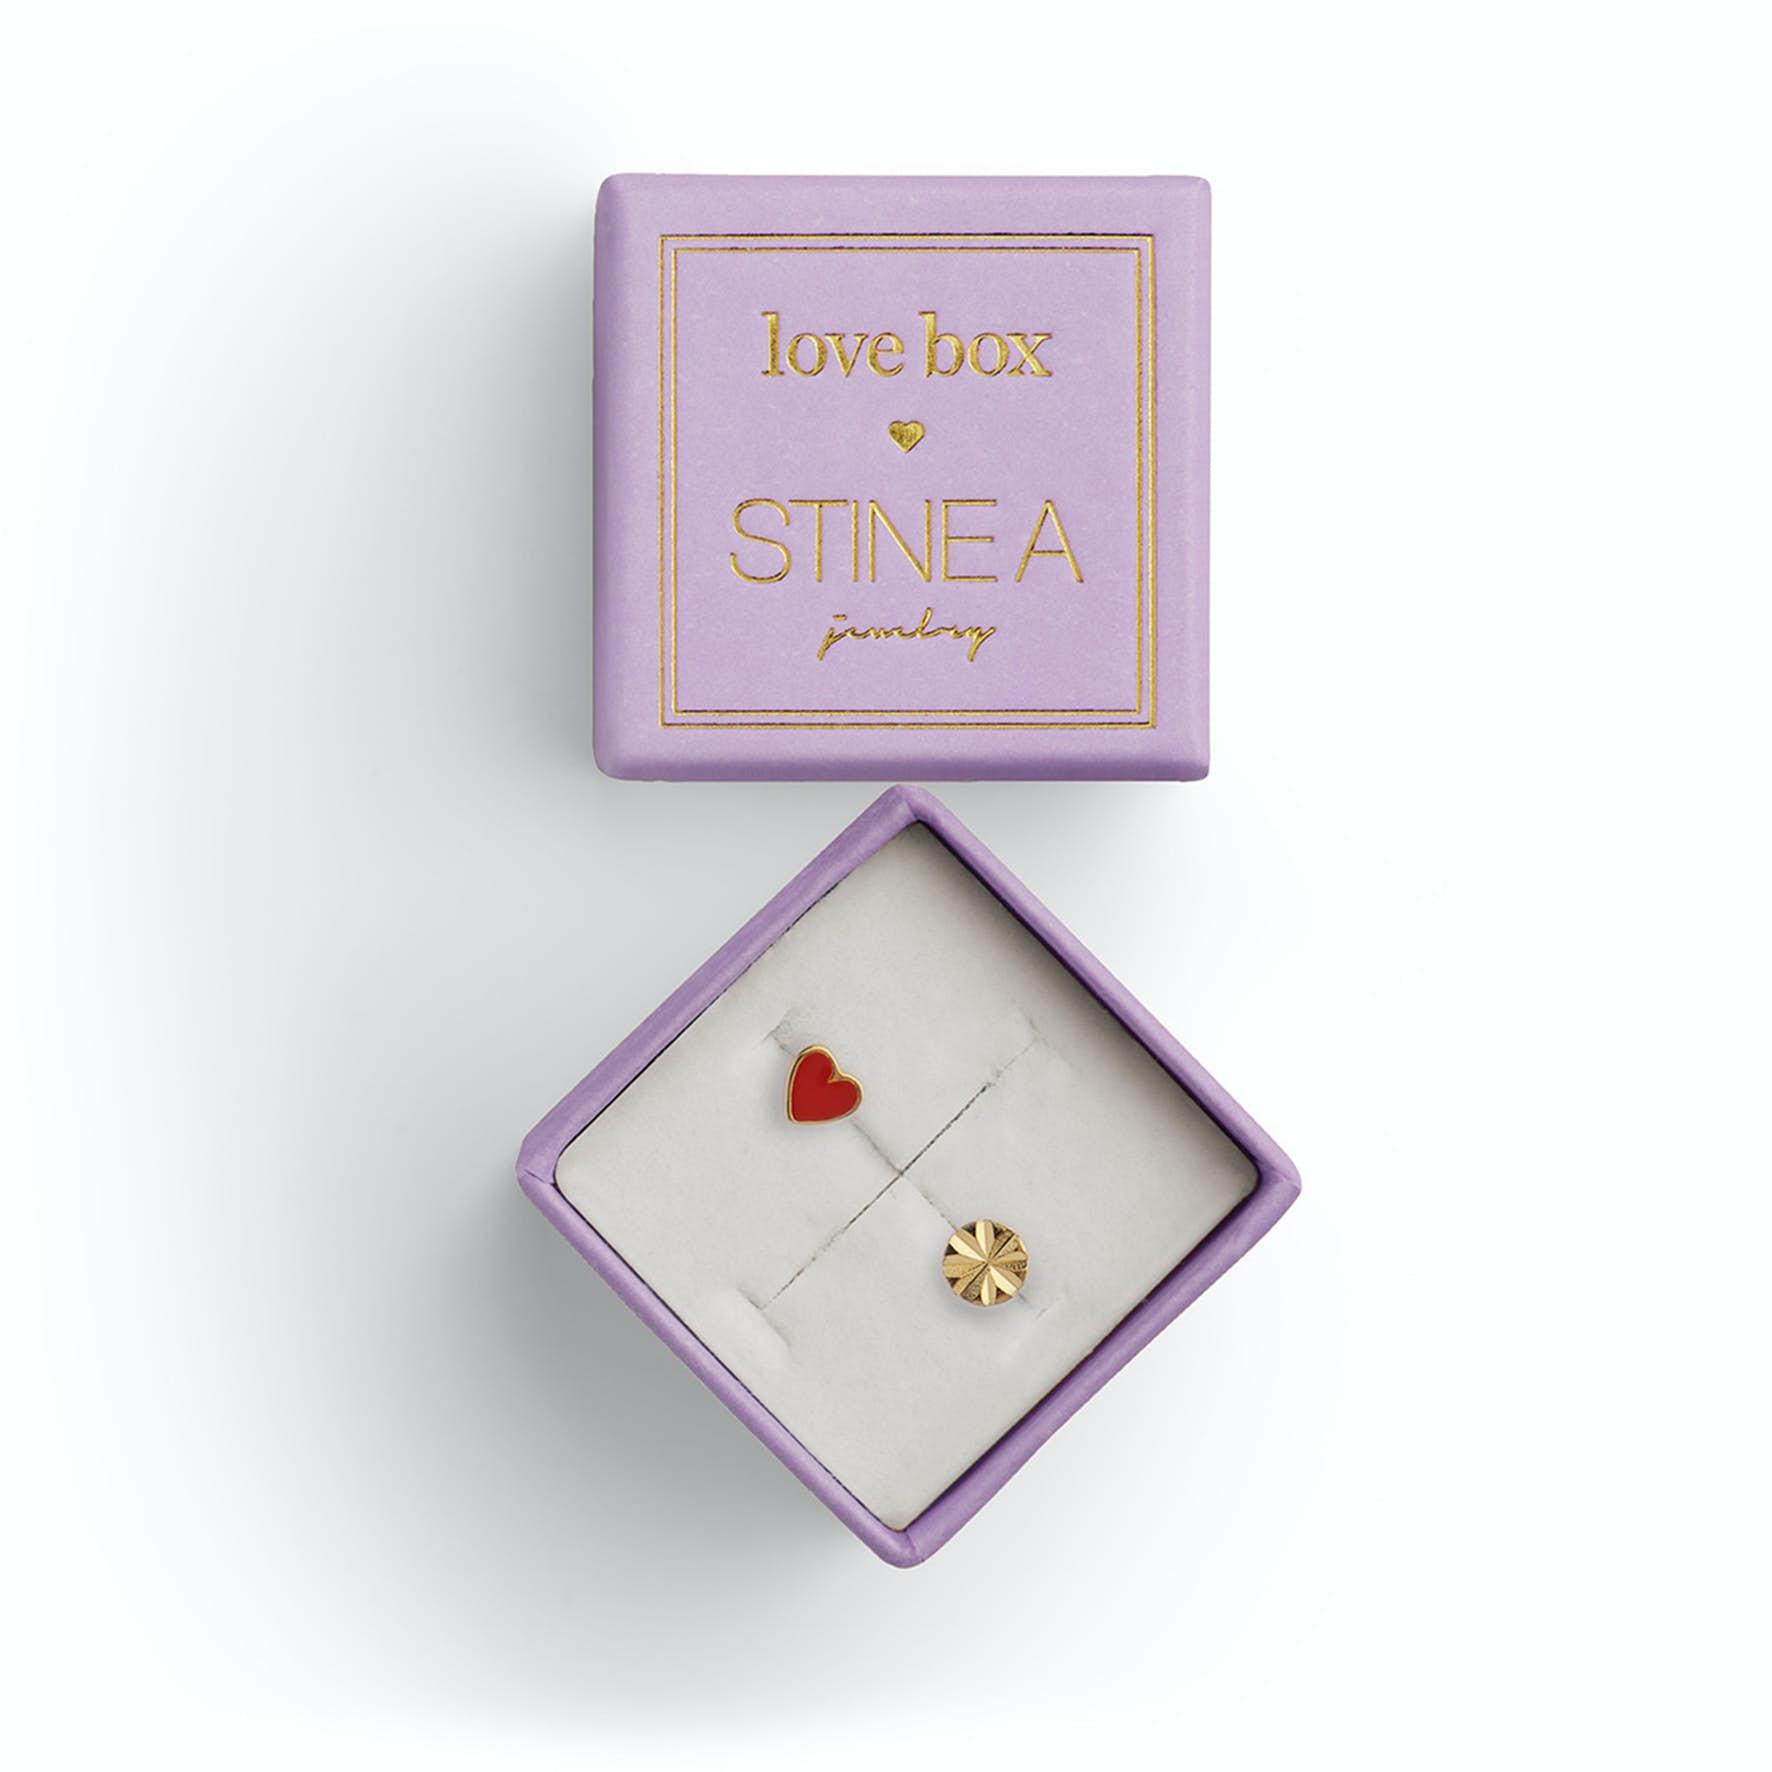 Love Box 65 von STINE A Jewelry in Vergoldet-Silber Sterling 925